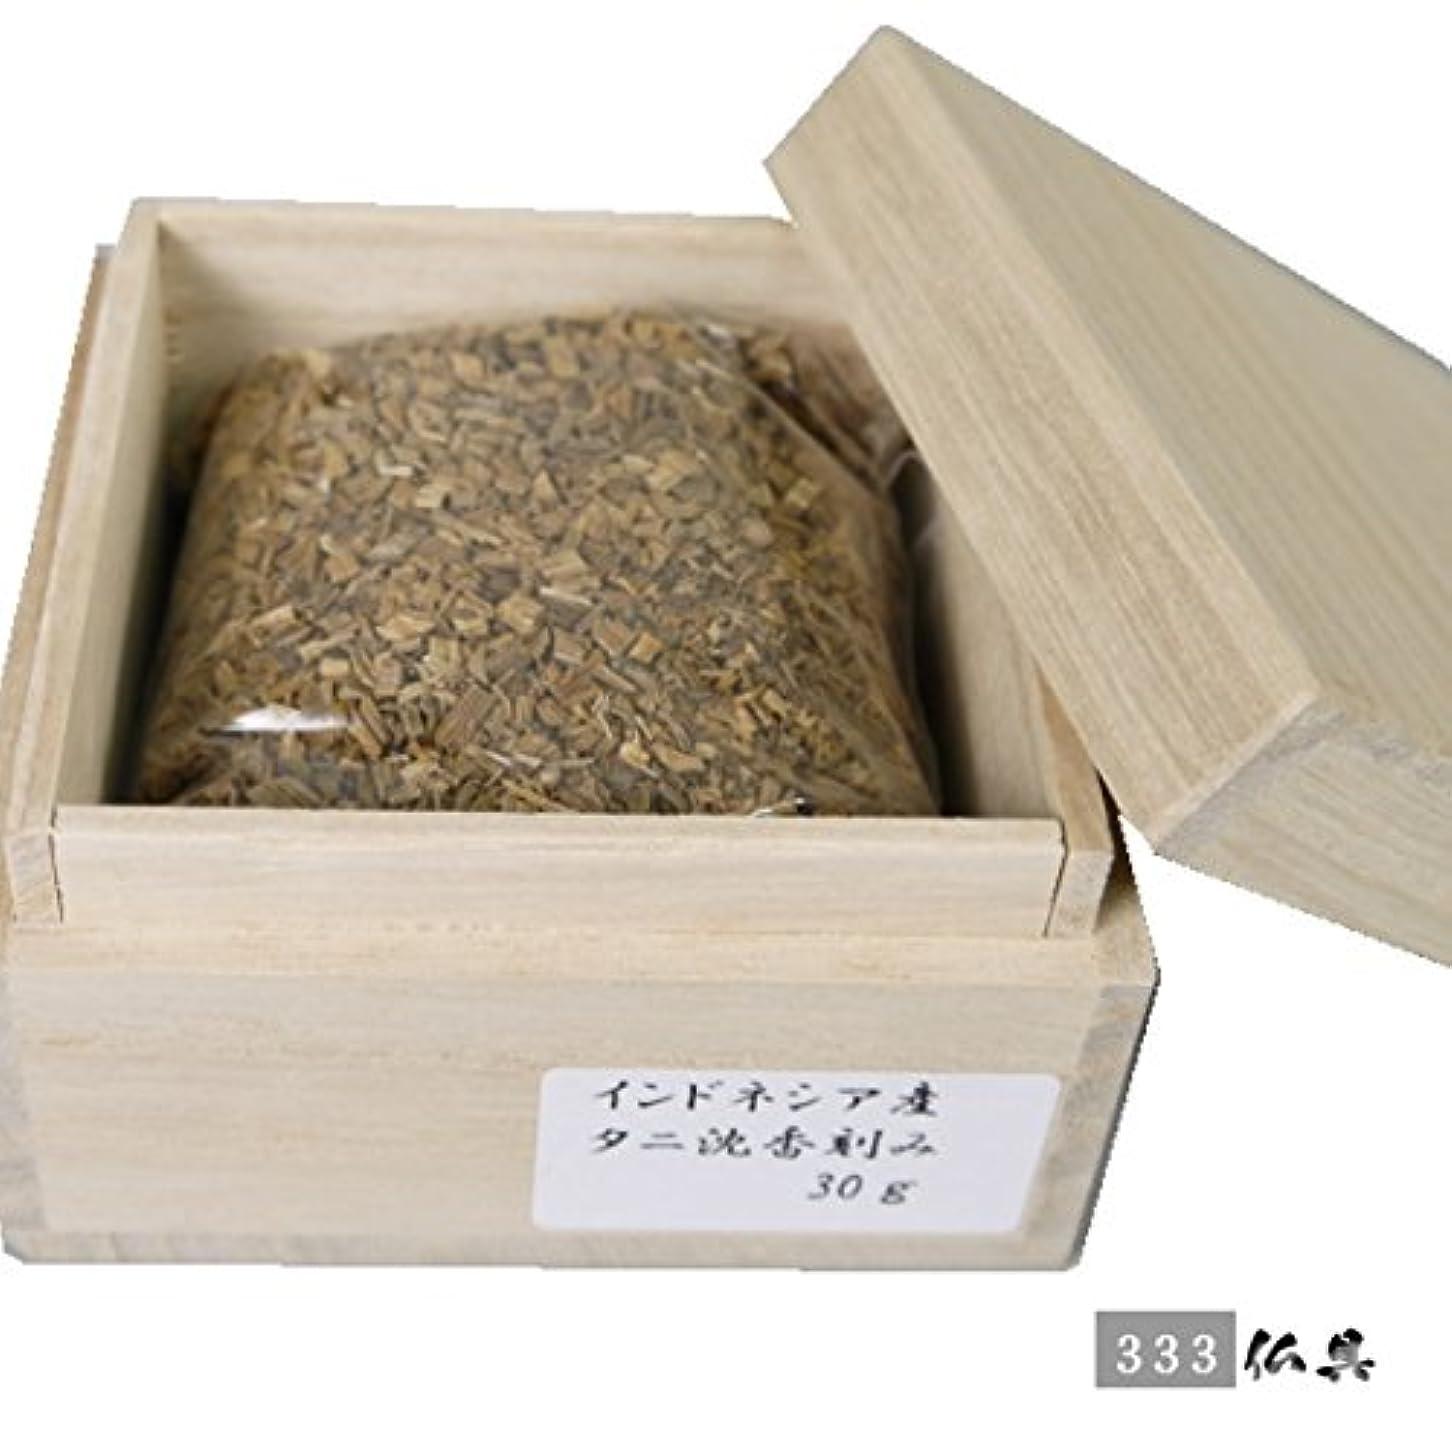 豊富に側溝が欲しい沈香 インドネシア産 タニ沈香 刻み 30g